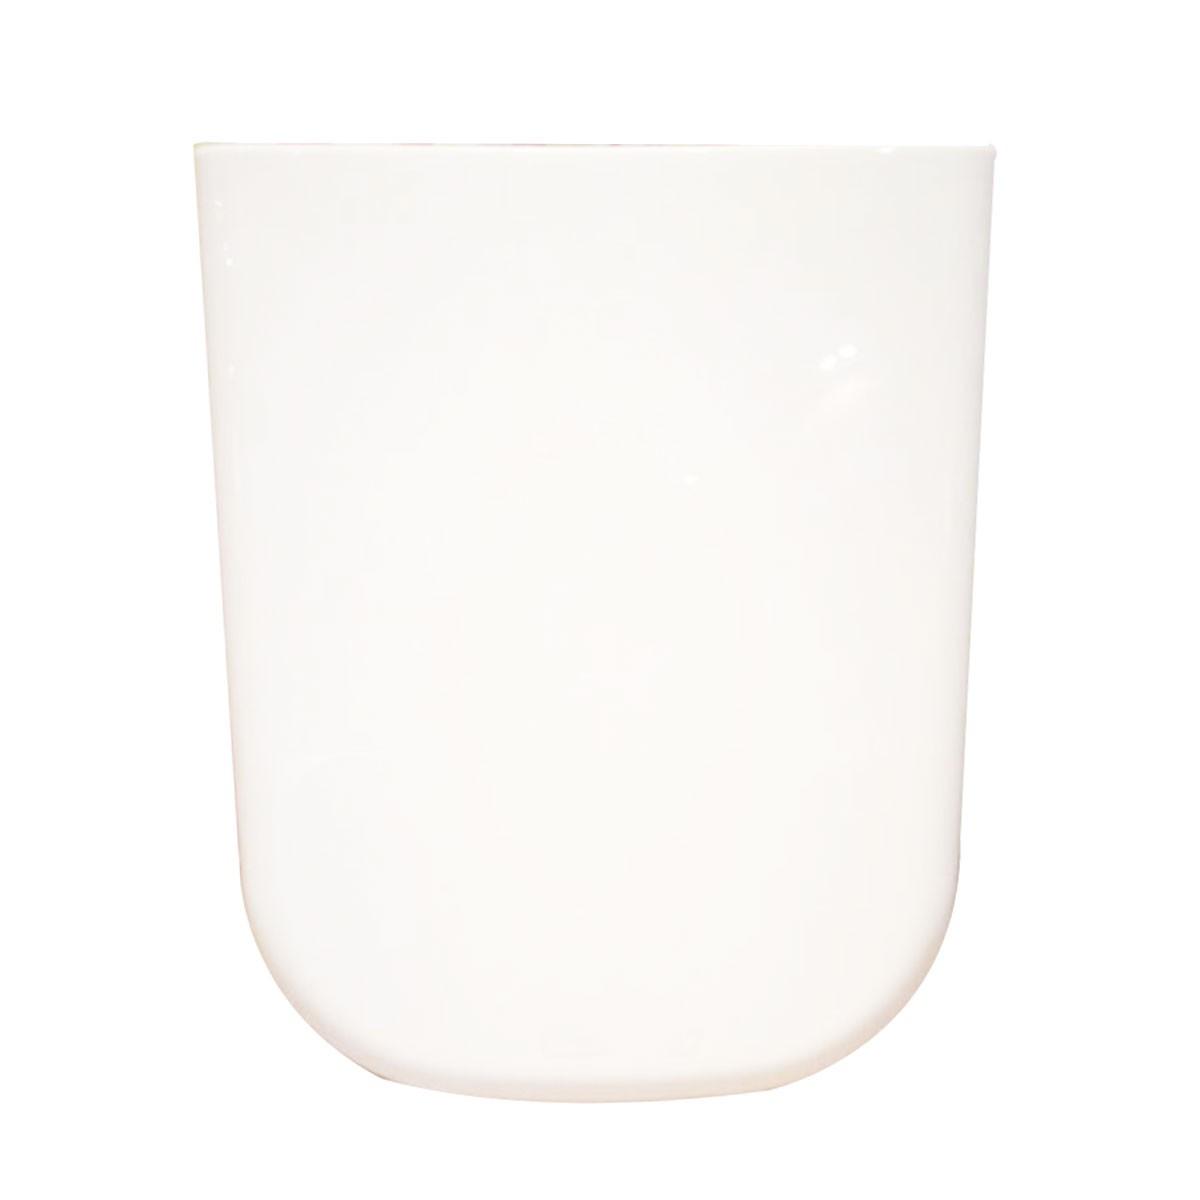 Si ge de toilette carr blanc fermeture douce avec couvercle en pp dk cl 011 decoraport canada for Toilette carrele